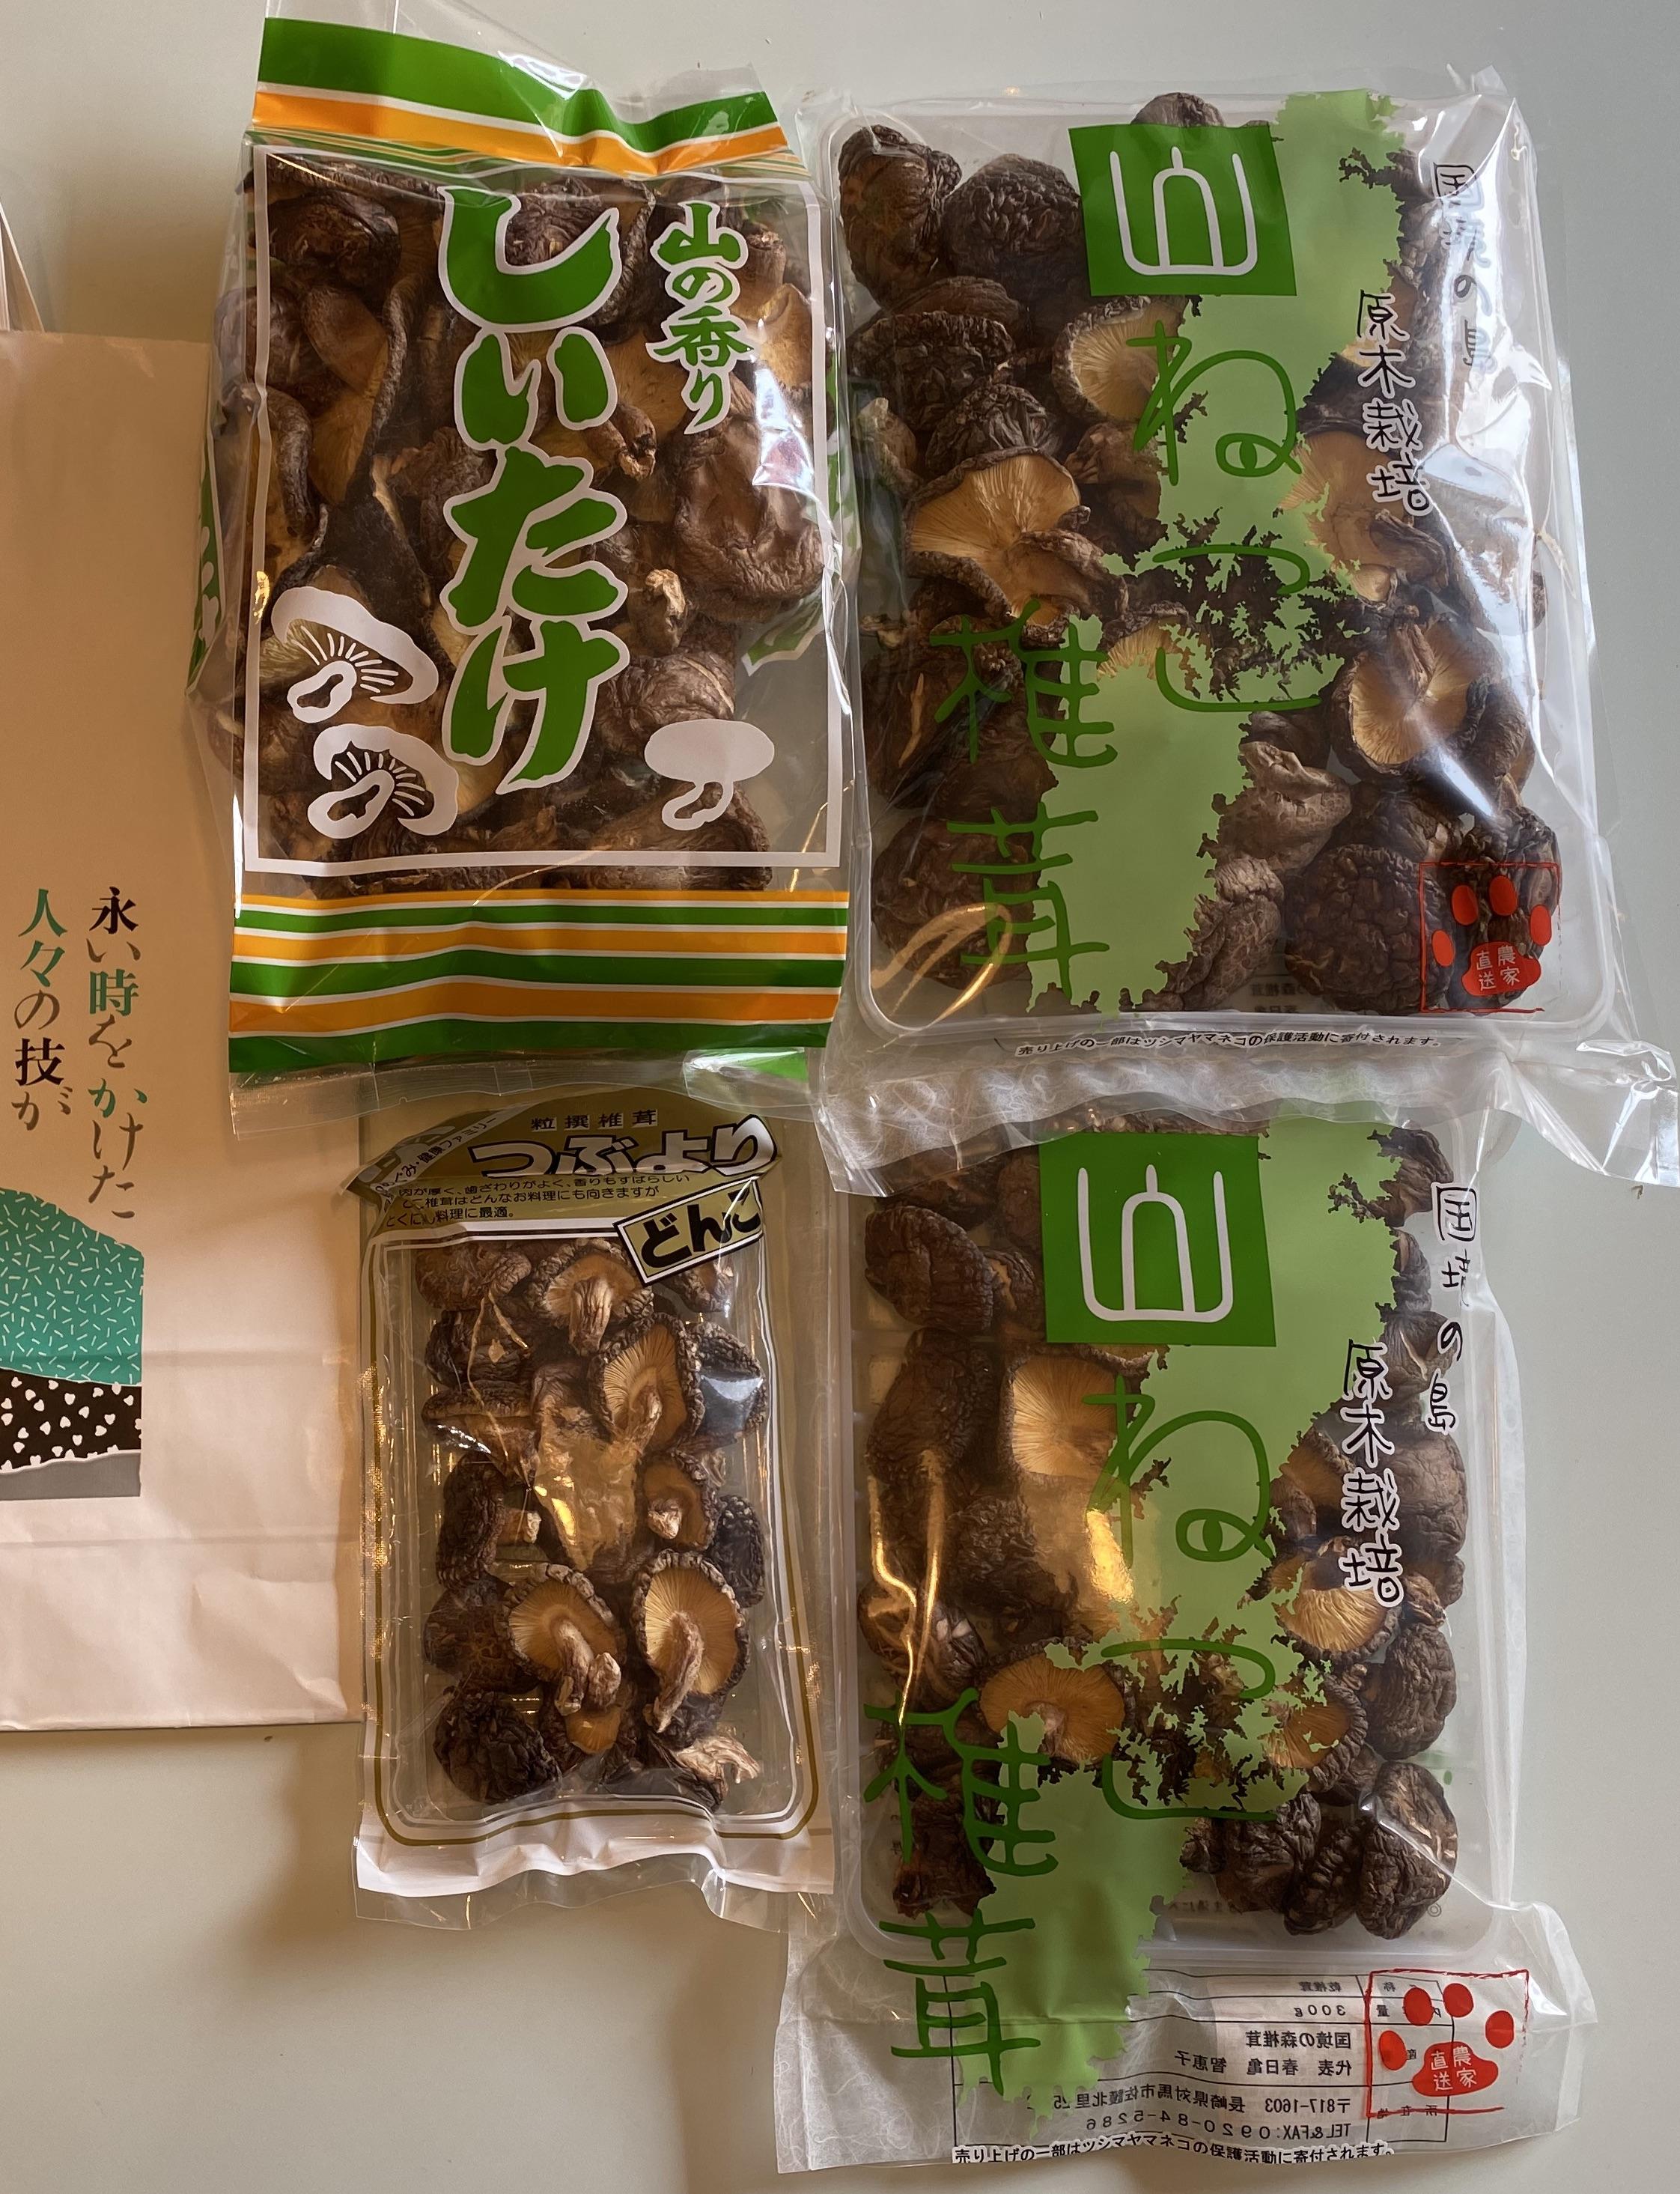 春日亀農園の原木椎茸 販売開始です!